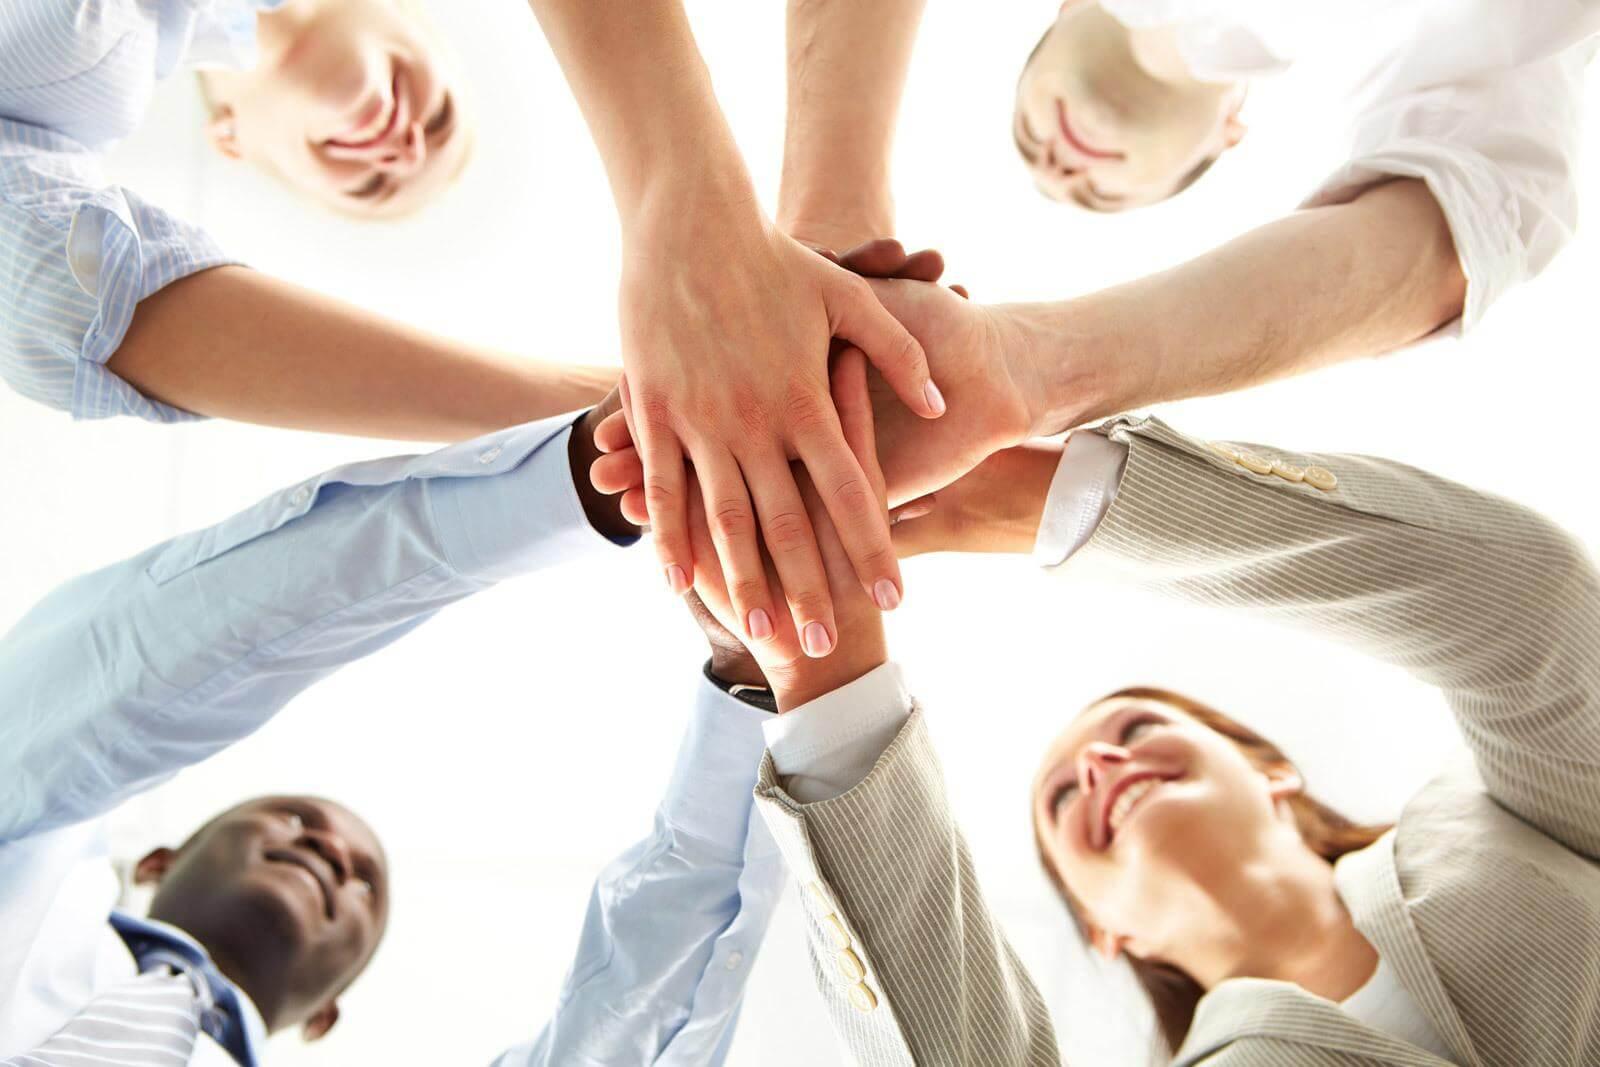 اول انتخاب تیم کاری مناسب، بعد استراتژی کسب و کار!